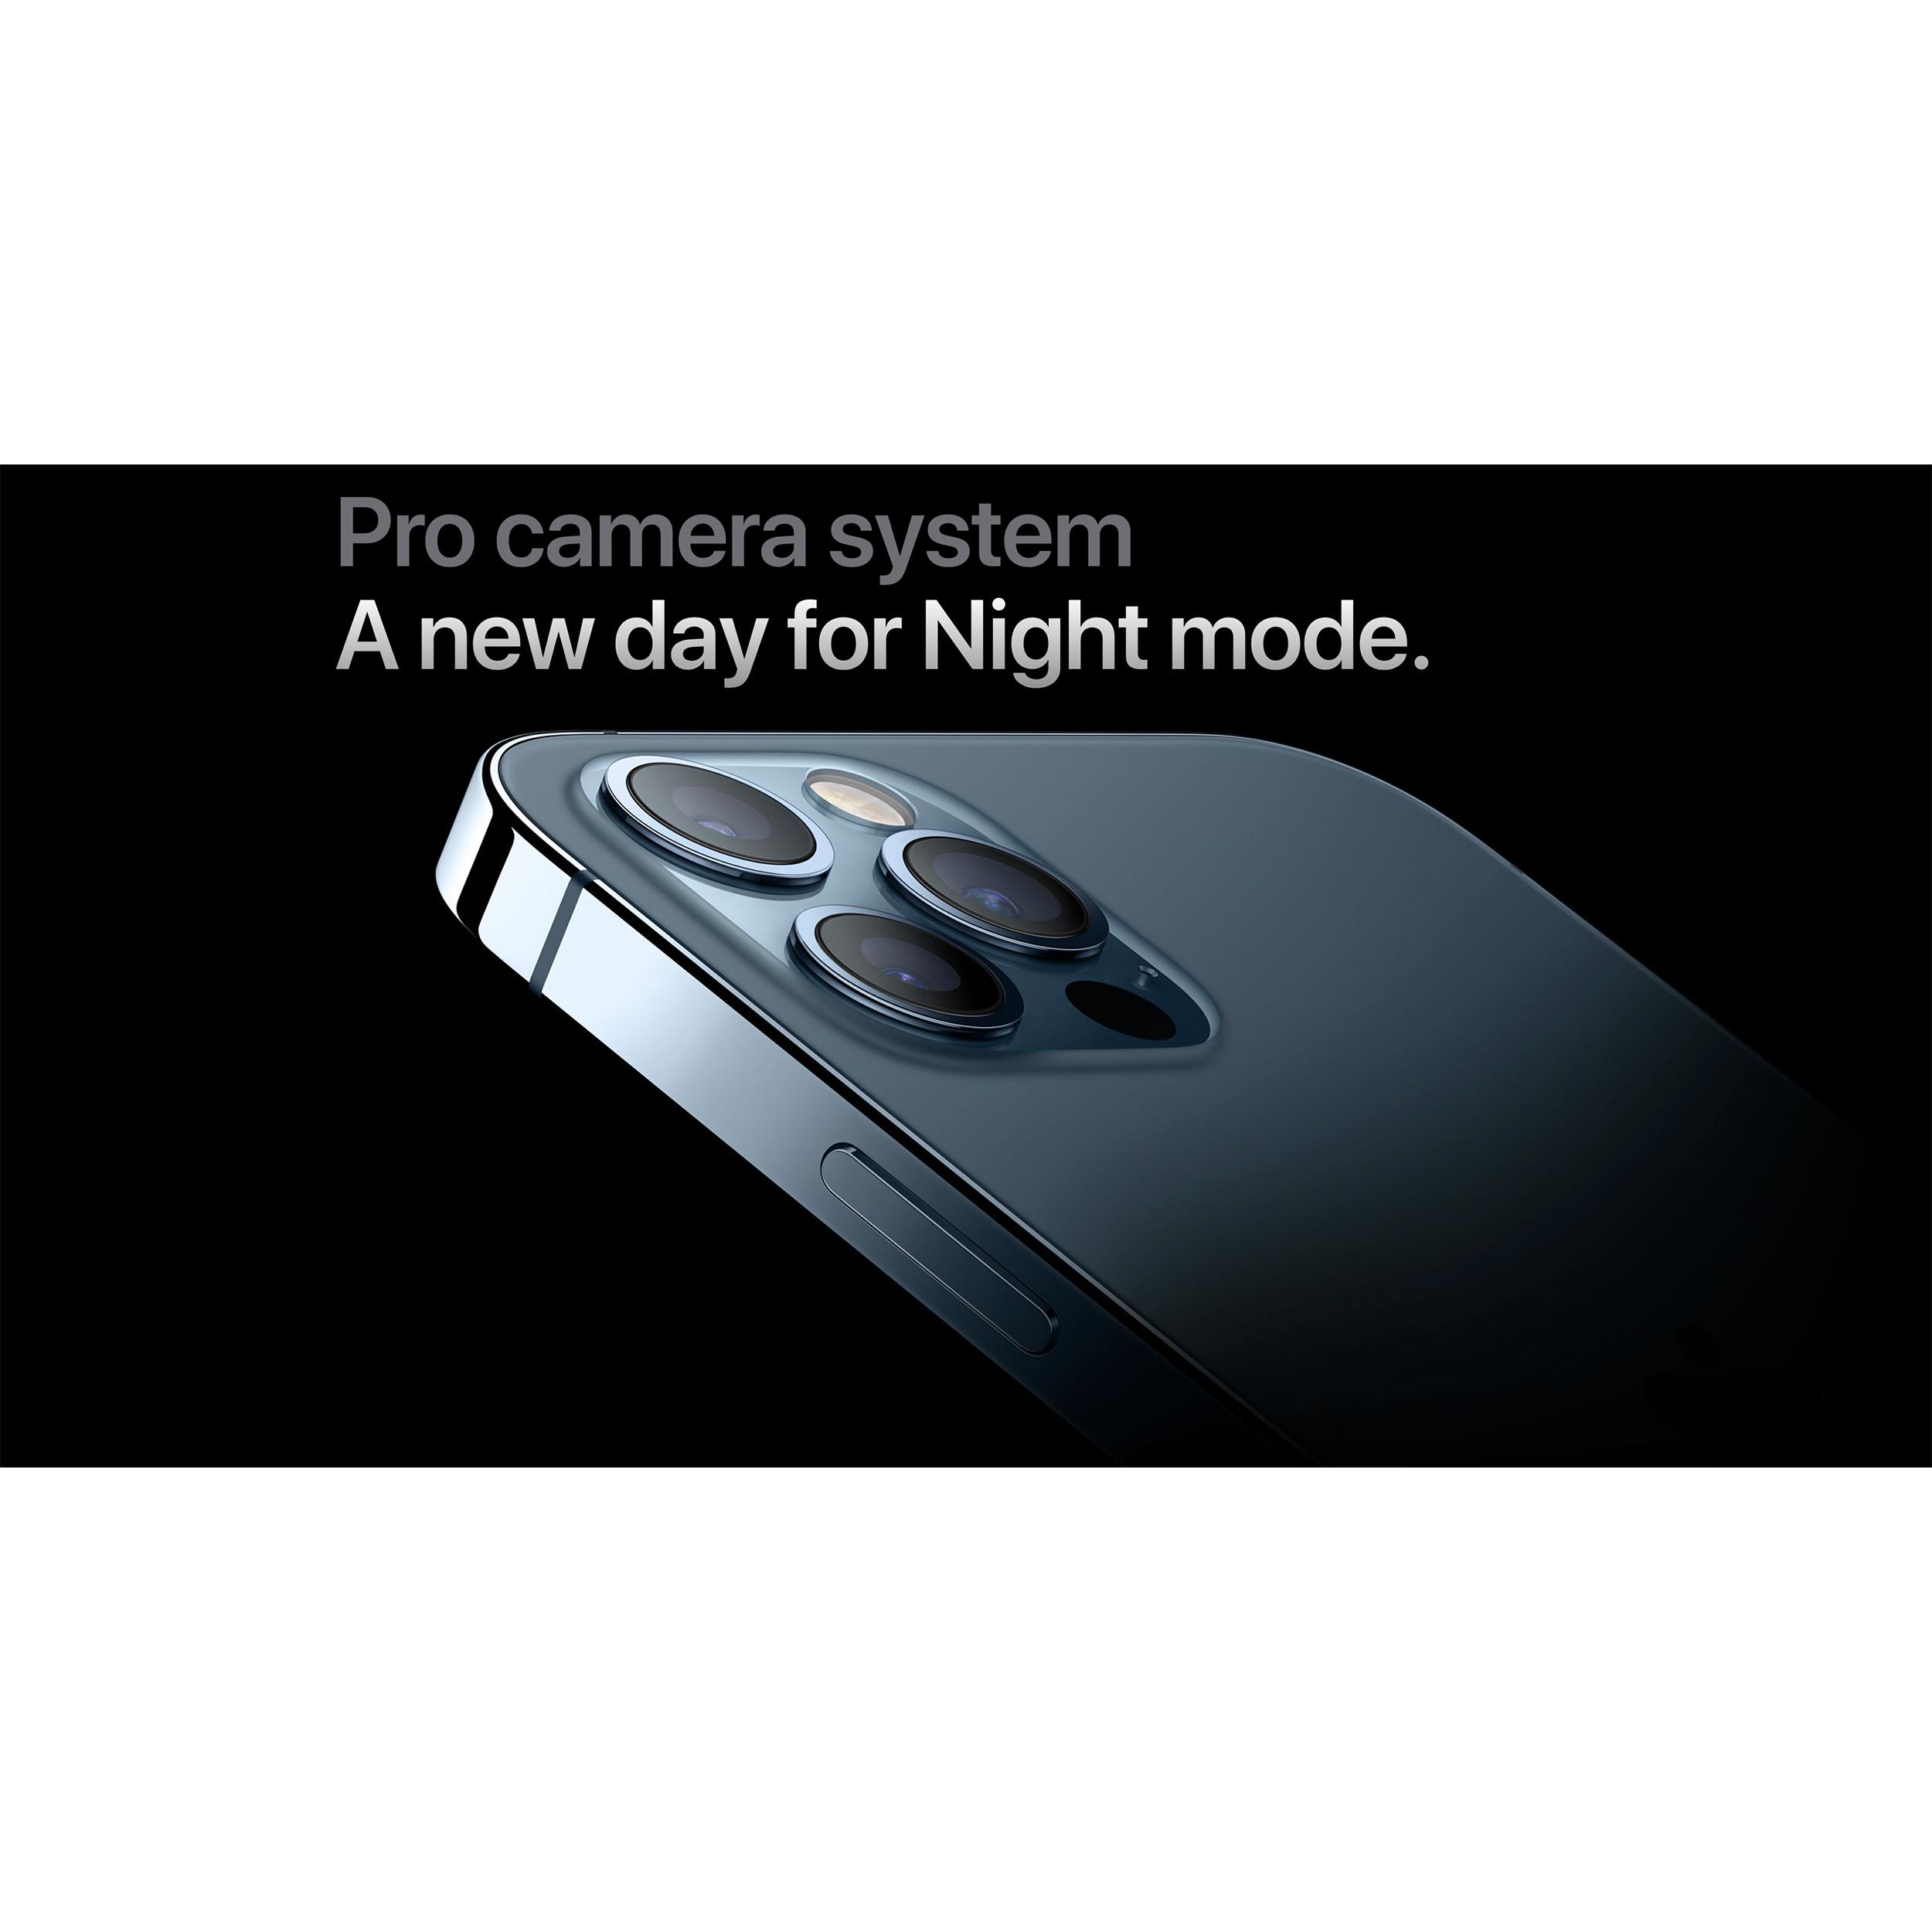 گوشی موبایل اپل مدل iPhone 12 Pro A2408 دو سیم کارت ظرفیت 256 گیگابایت و 6 گیگابایت رم